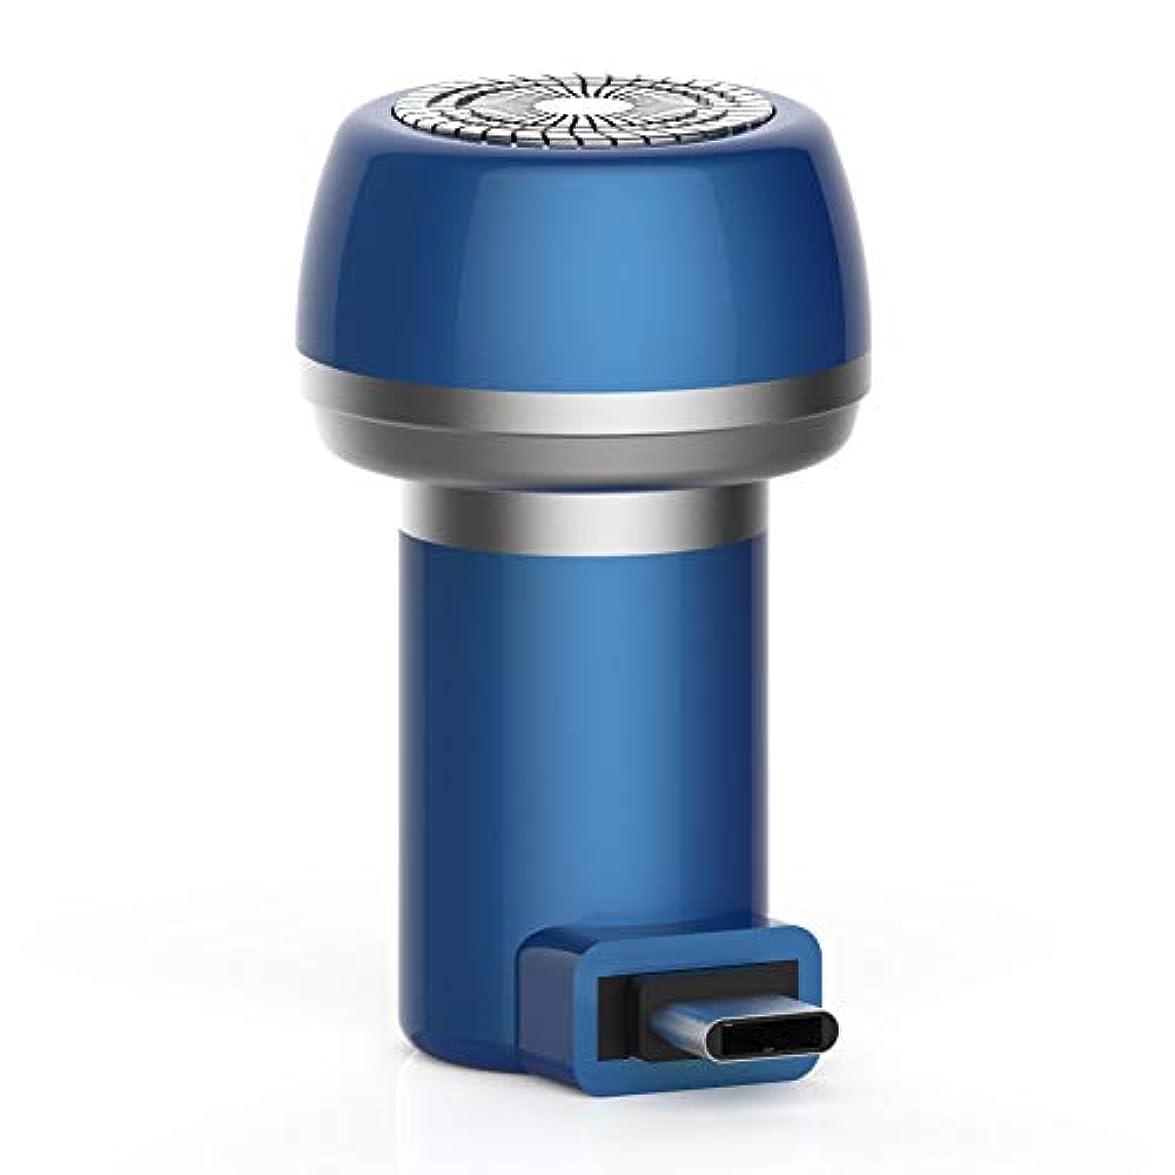 フリッパーある恋人CoolTack  電気充電式シェーバー、2に付き1磁気電気シェーバーミニポータブルType-C USB防水耐久性剃刀